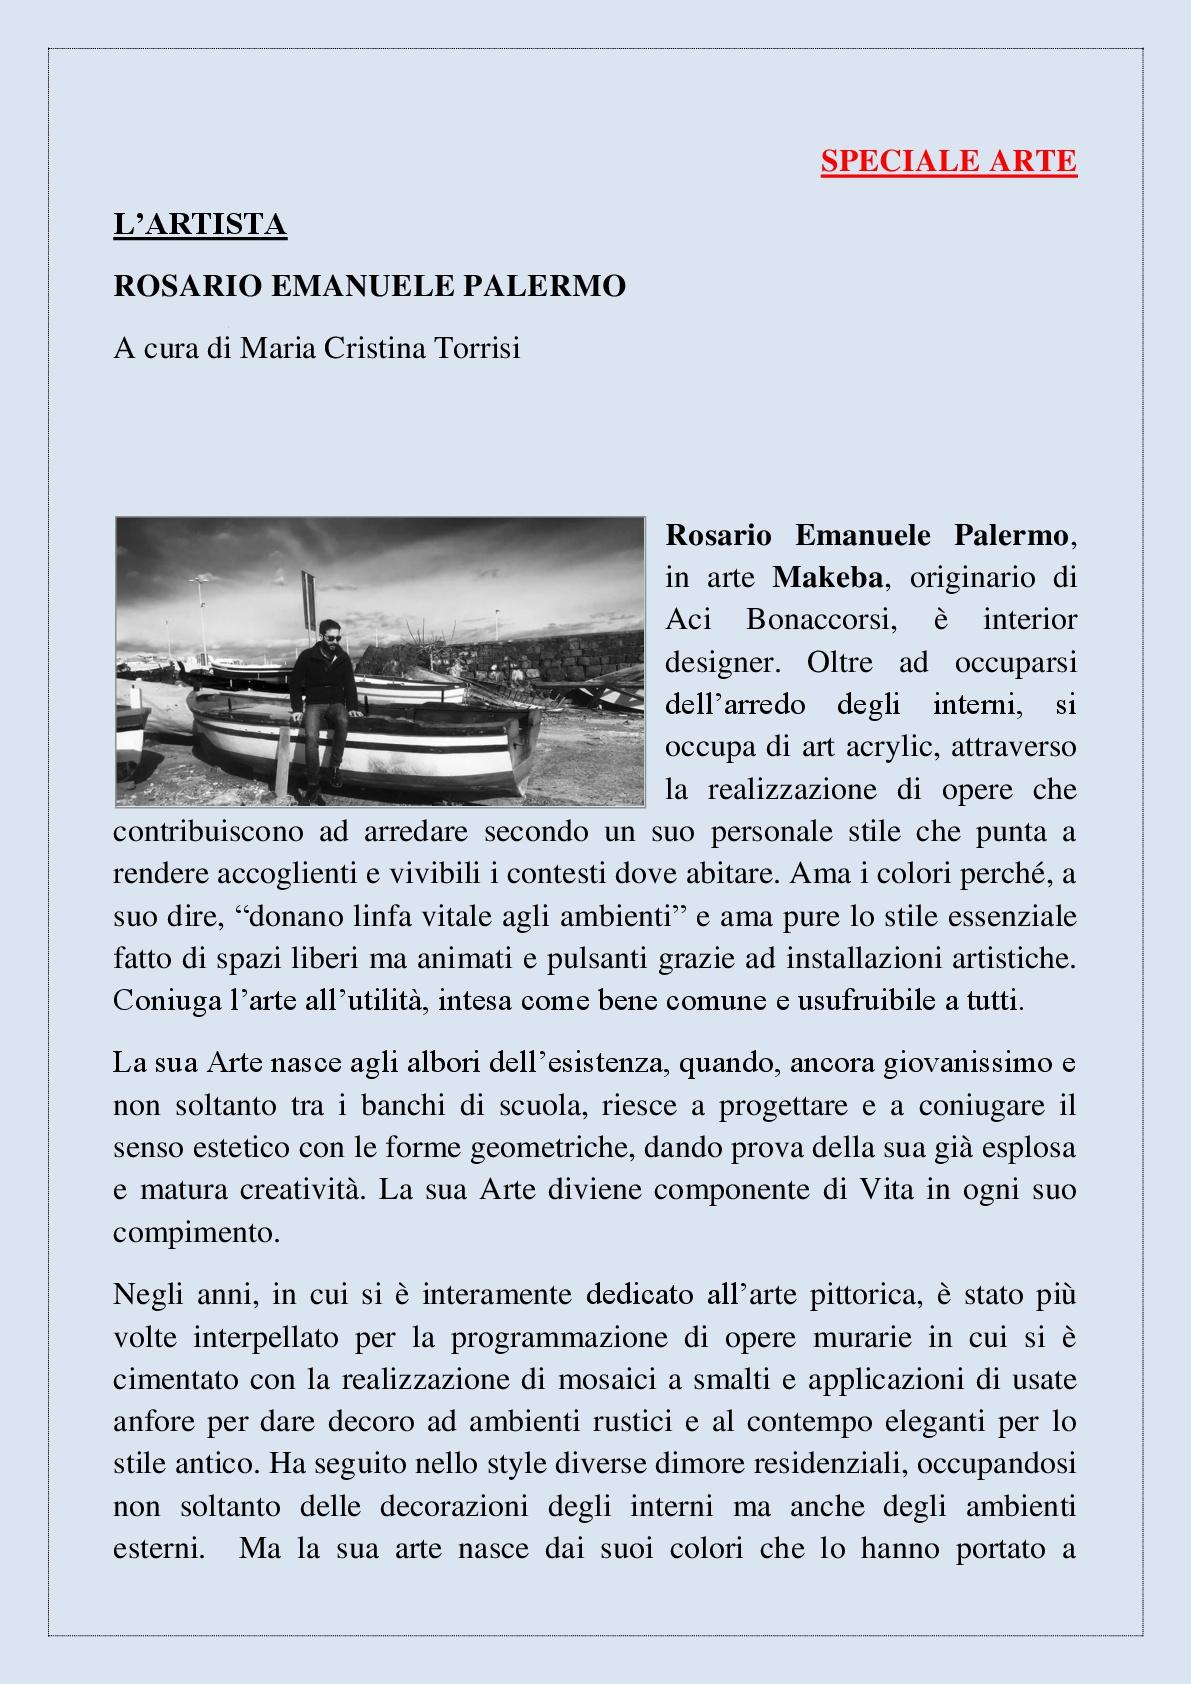 Curriculum-Vitae-di-Rosario-Emanuele-Palermo2-(1)-001